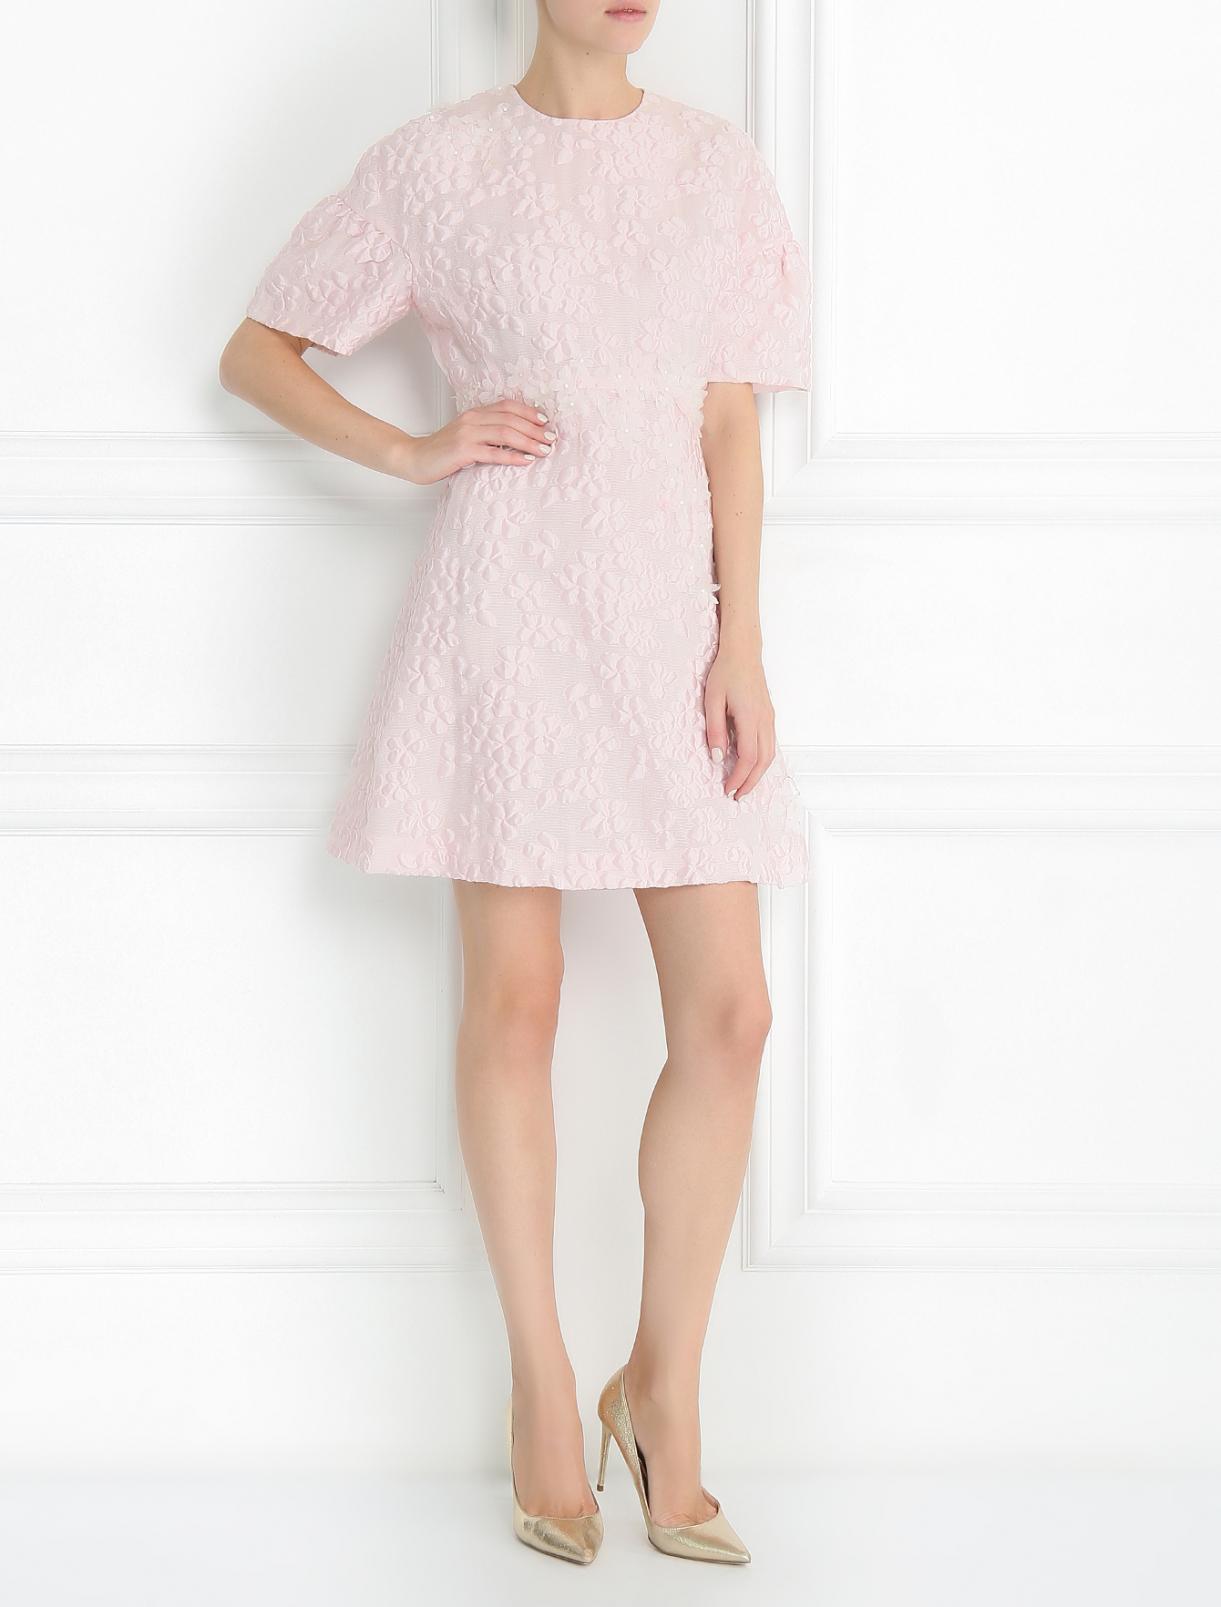 Платье-мини с коротким рукавом и декоративной отделкой Giambattista Valli  –  Модель Общий вид  – Цвет:  Розовый